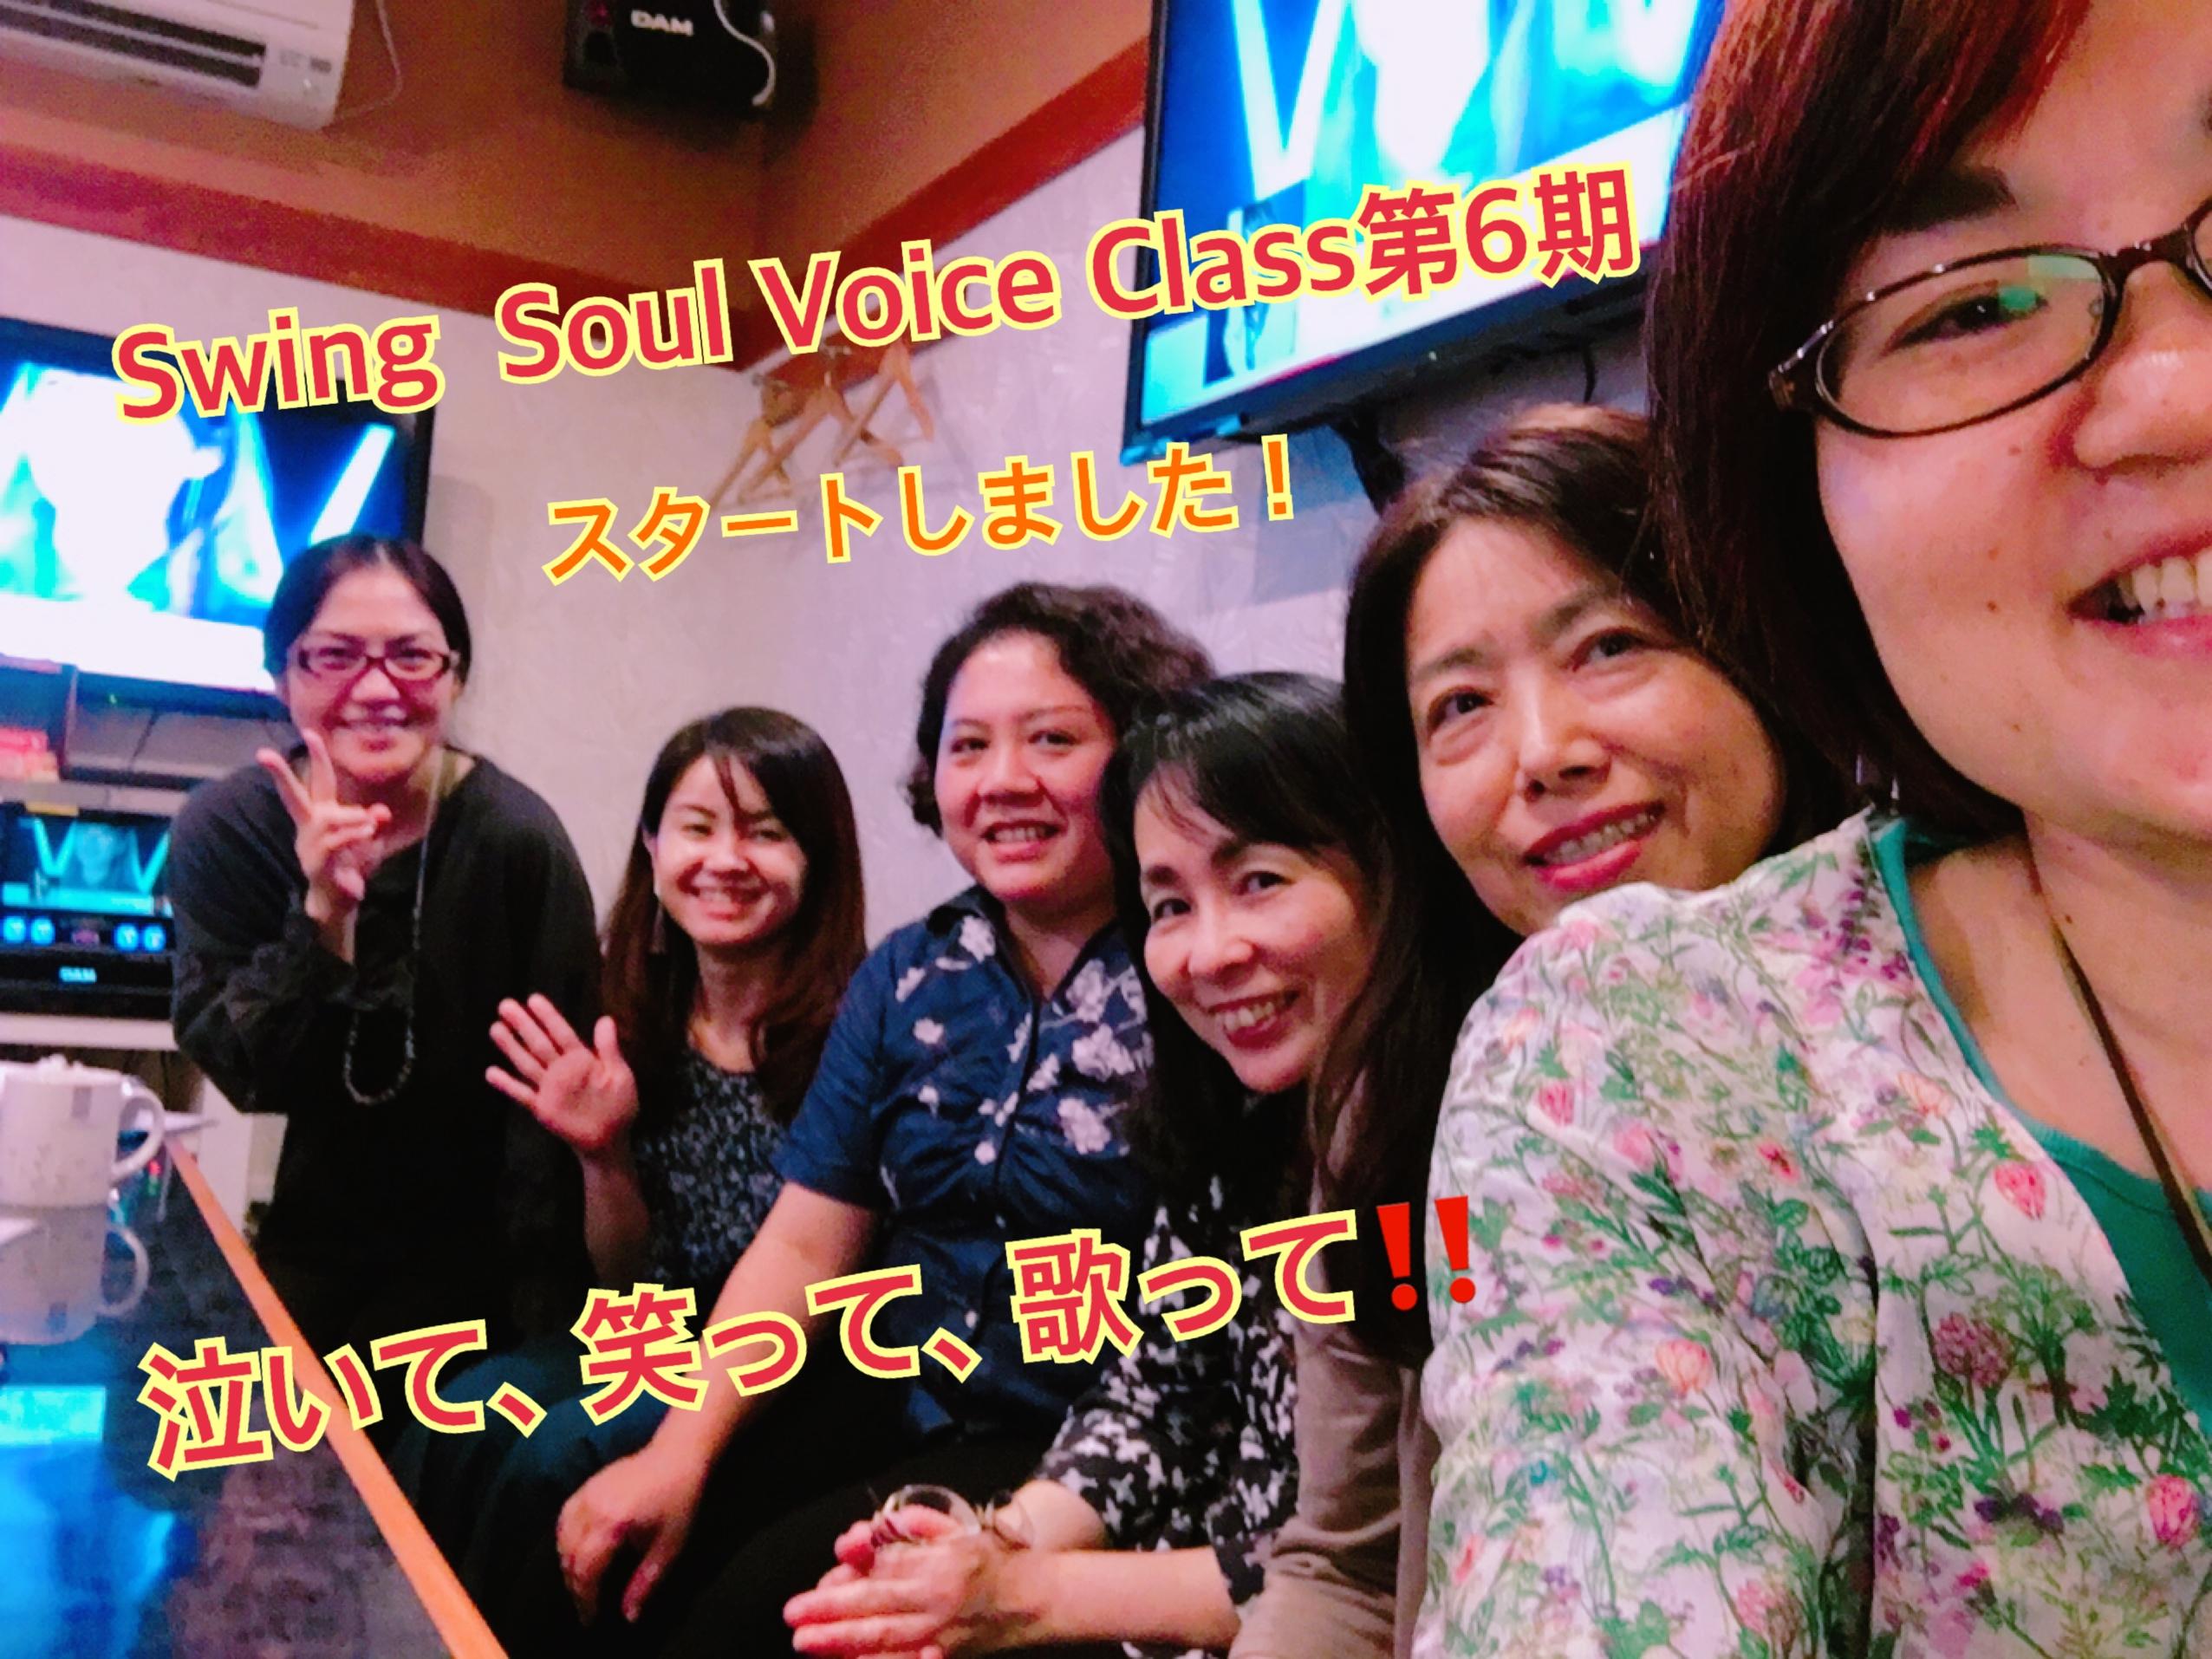 歌、ボイストレーニング、沖縄、阿部民子、ボイスレッスン、歌のレッスン、カラオケ、女性、優しい、簡単、